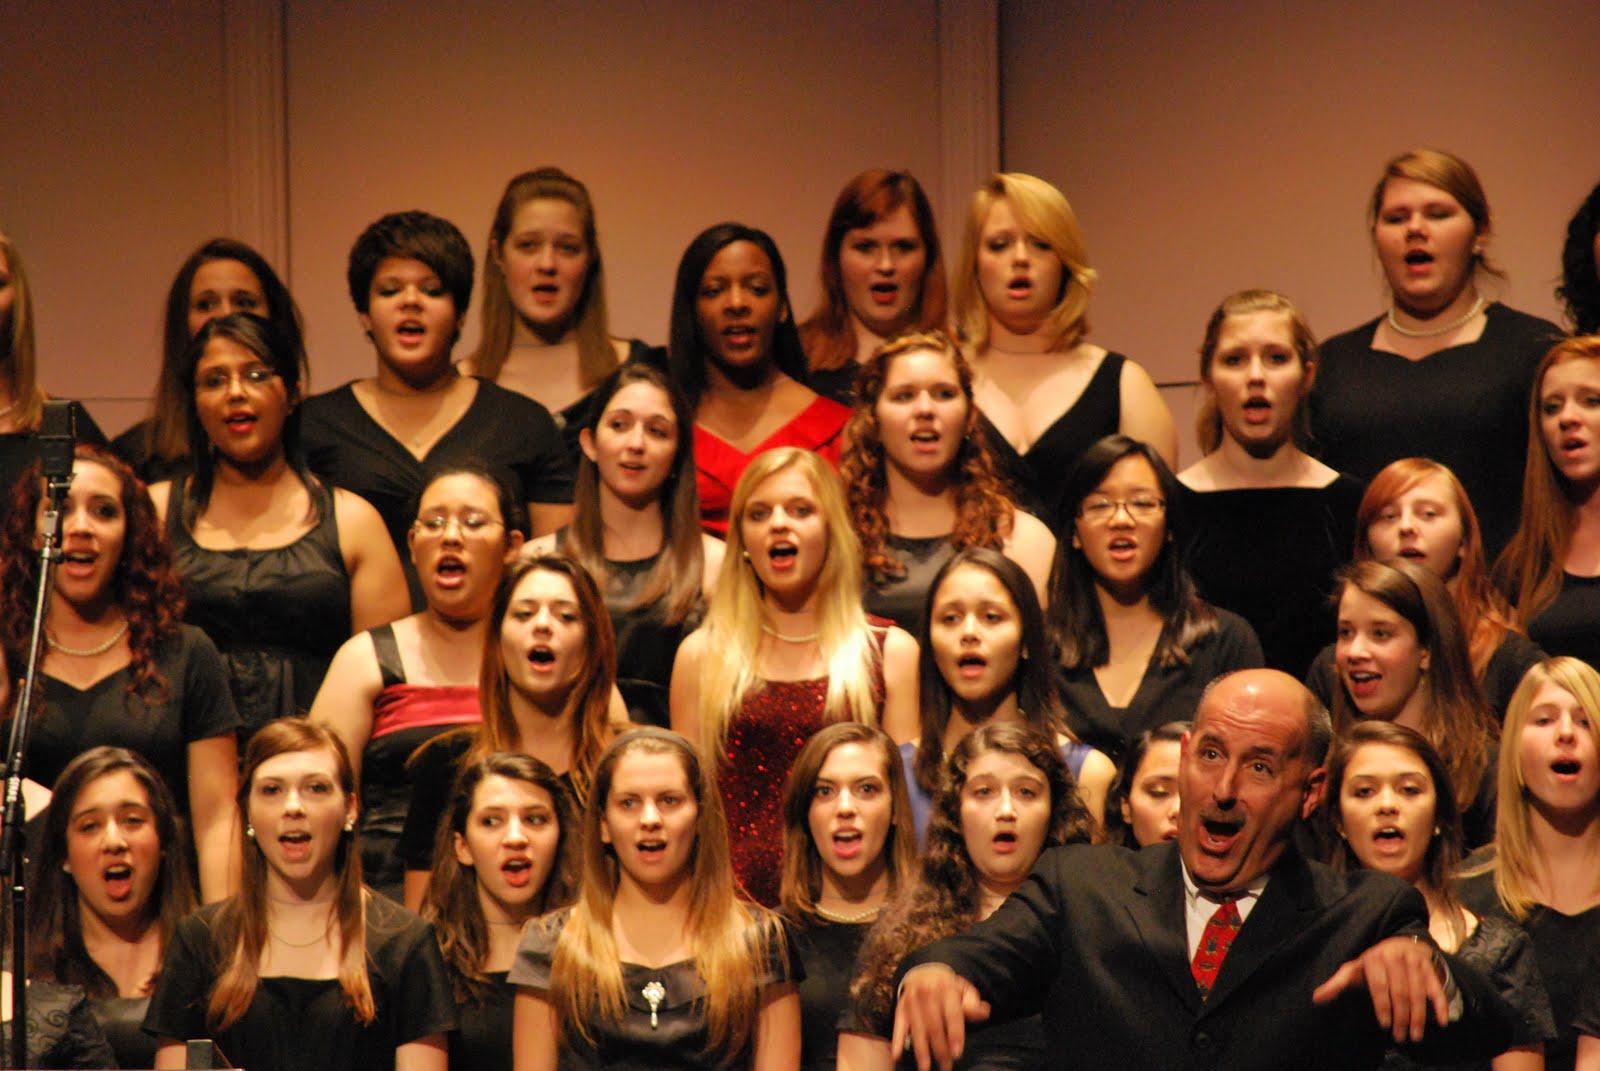 crowd singing